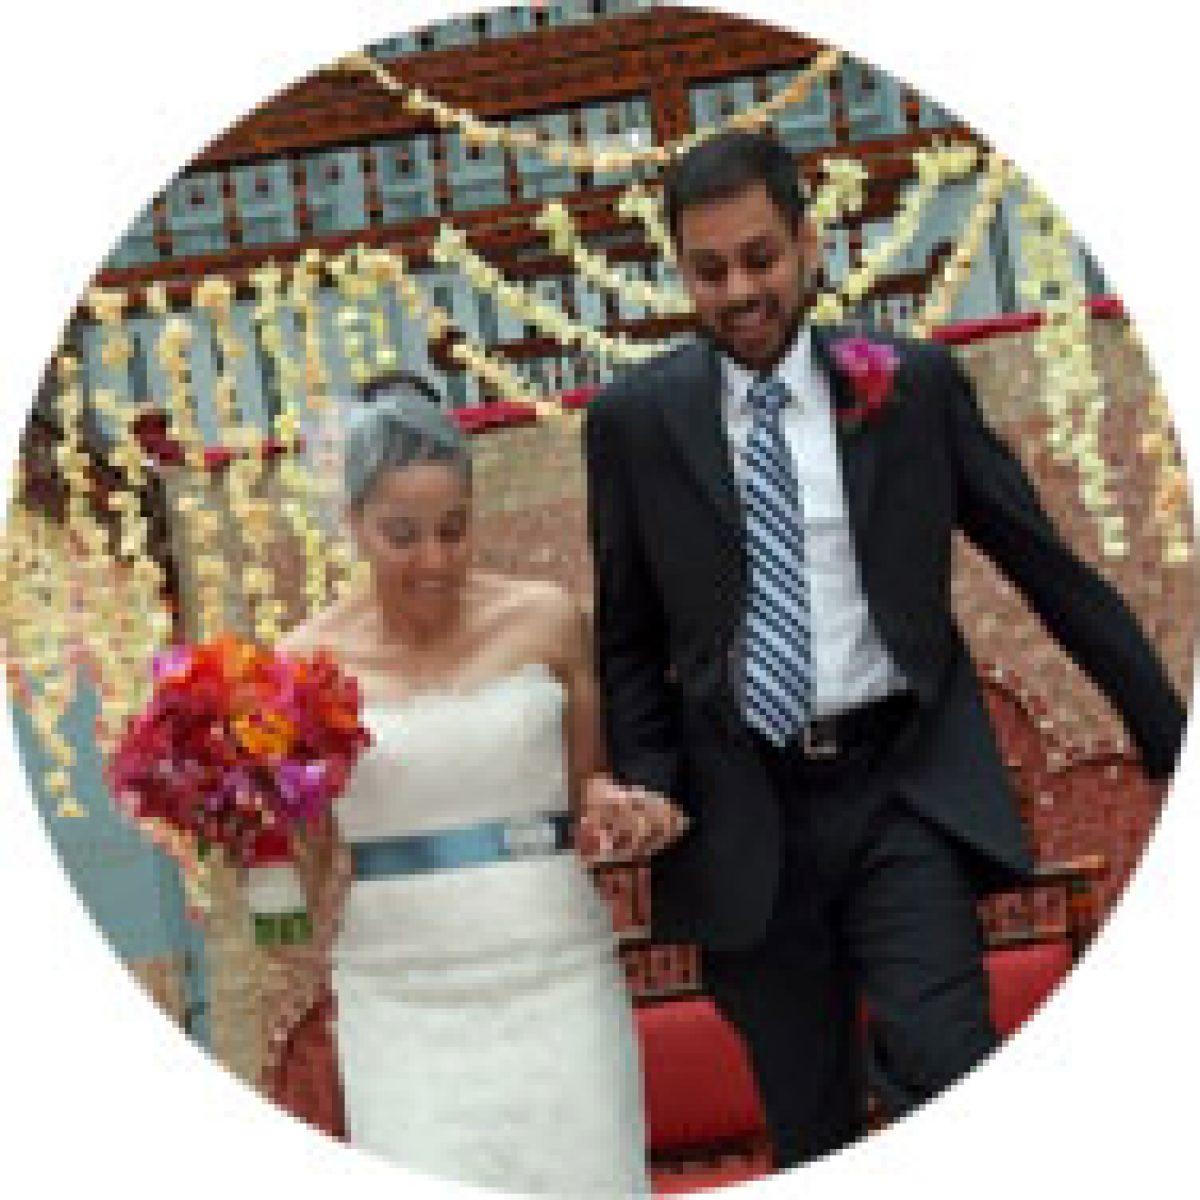 Harold Washington Library Wedding: Jade & Raj: Winter Garden At Harold Washington Library